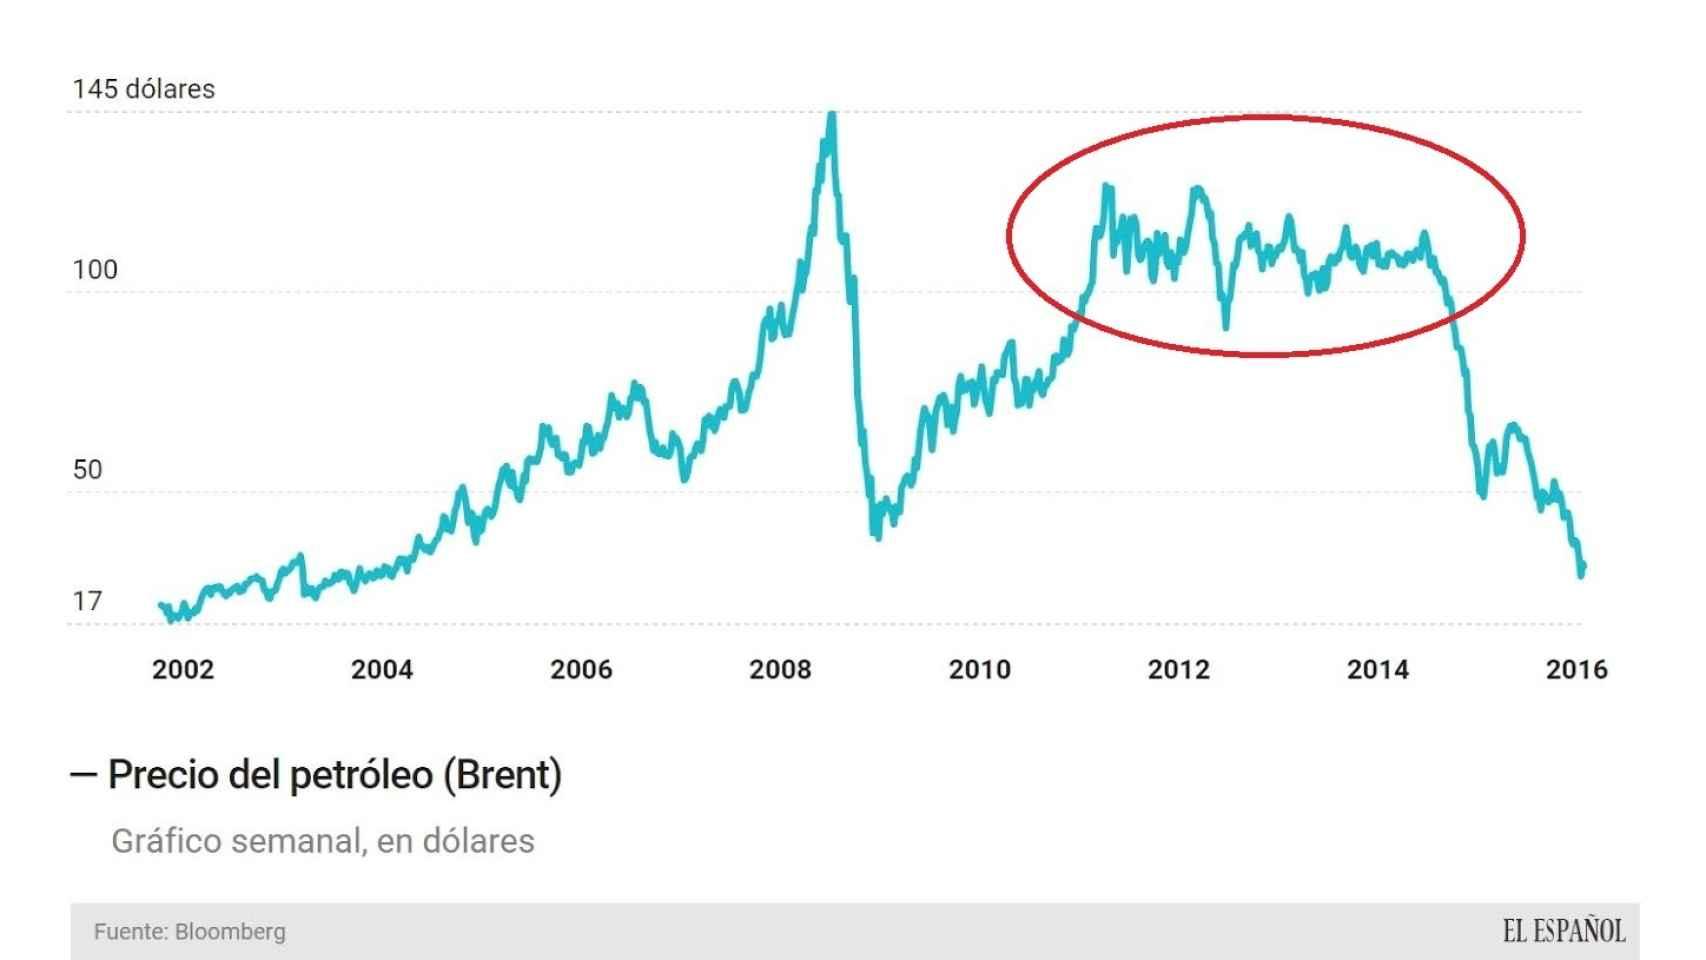 Evolución de los precios del crudo desde 2002